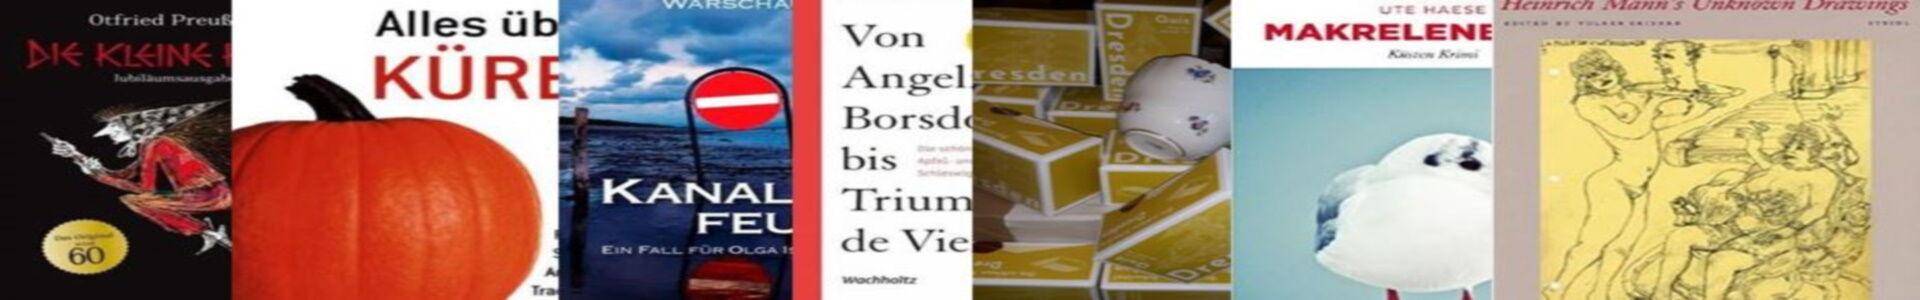 Edition-115 Felde Thiemann Antiquariat Buchhandlung Verlag